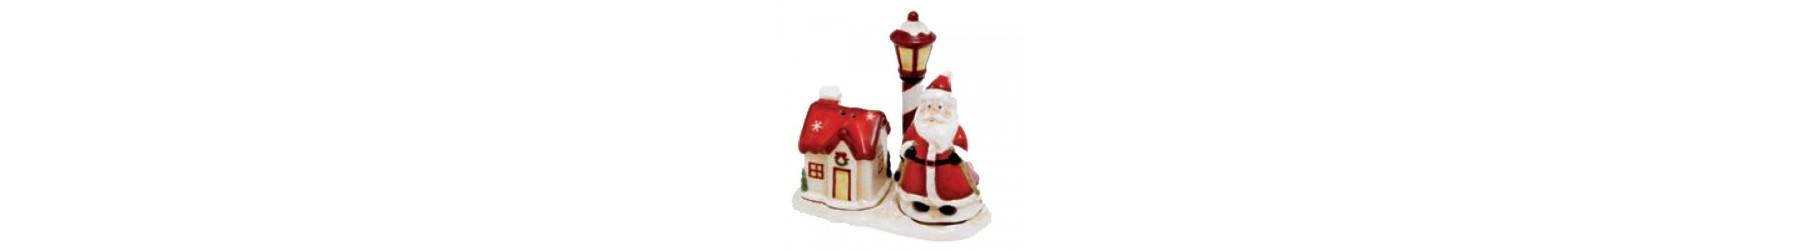 Χριστουγεννιάτικα αλατοπίπερα για το τραπέζι σας σε πολλά σχέδια